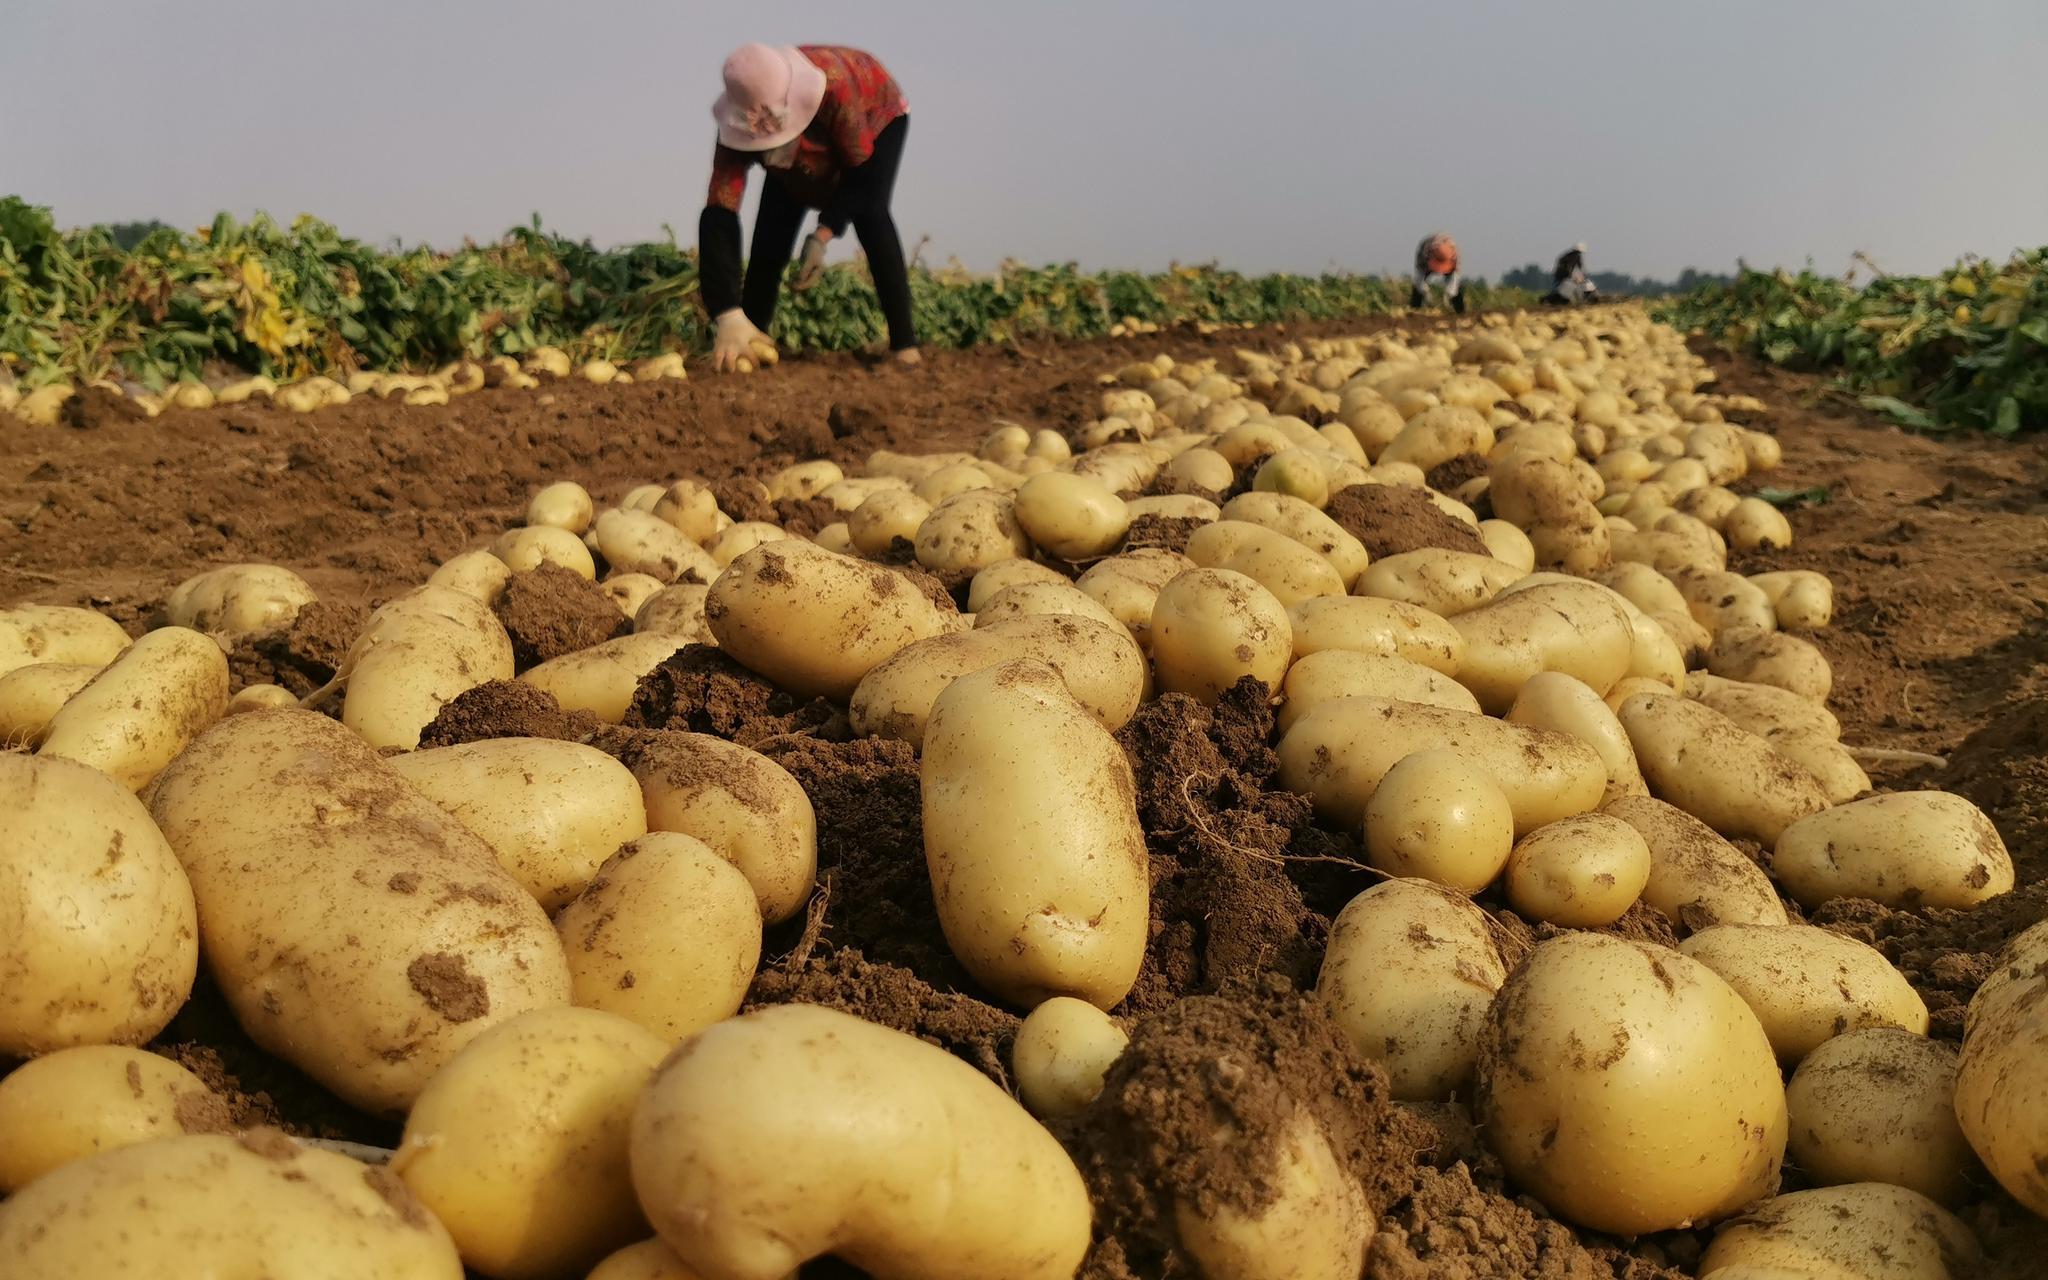 摩天测速:山东看庄摩天测速土豆迎丰收种植图片